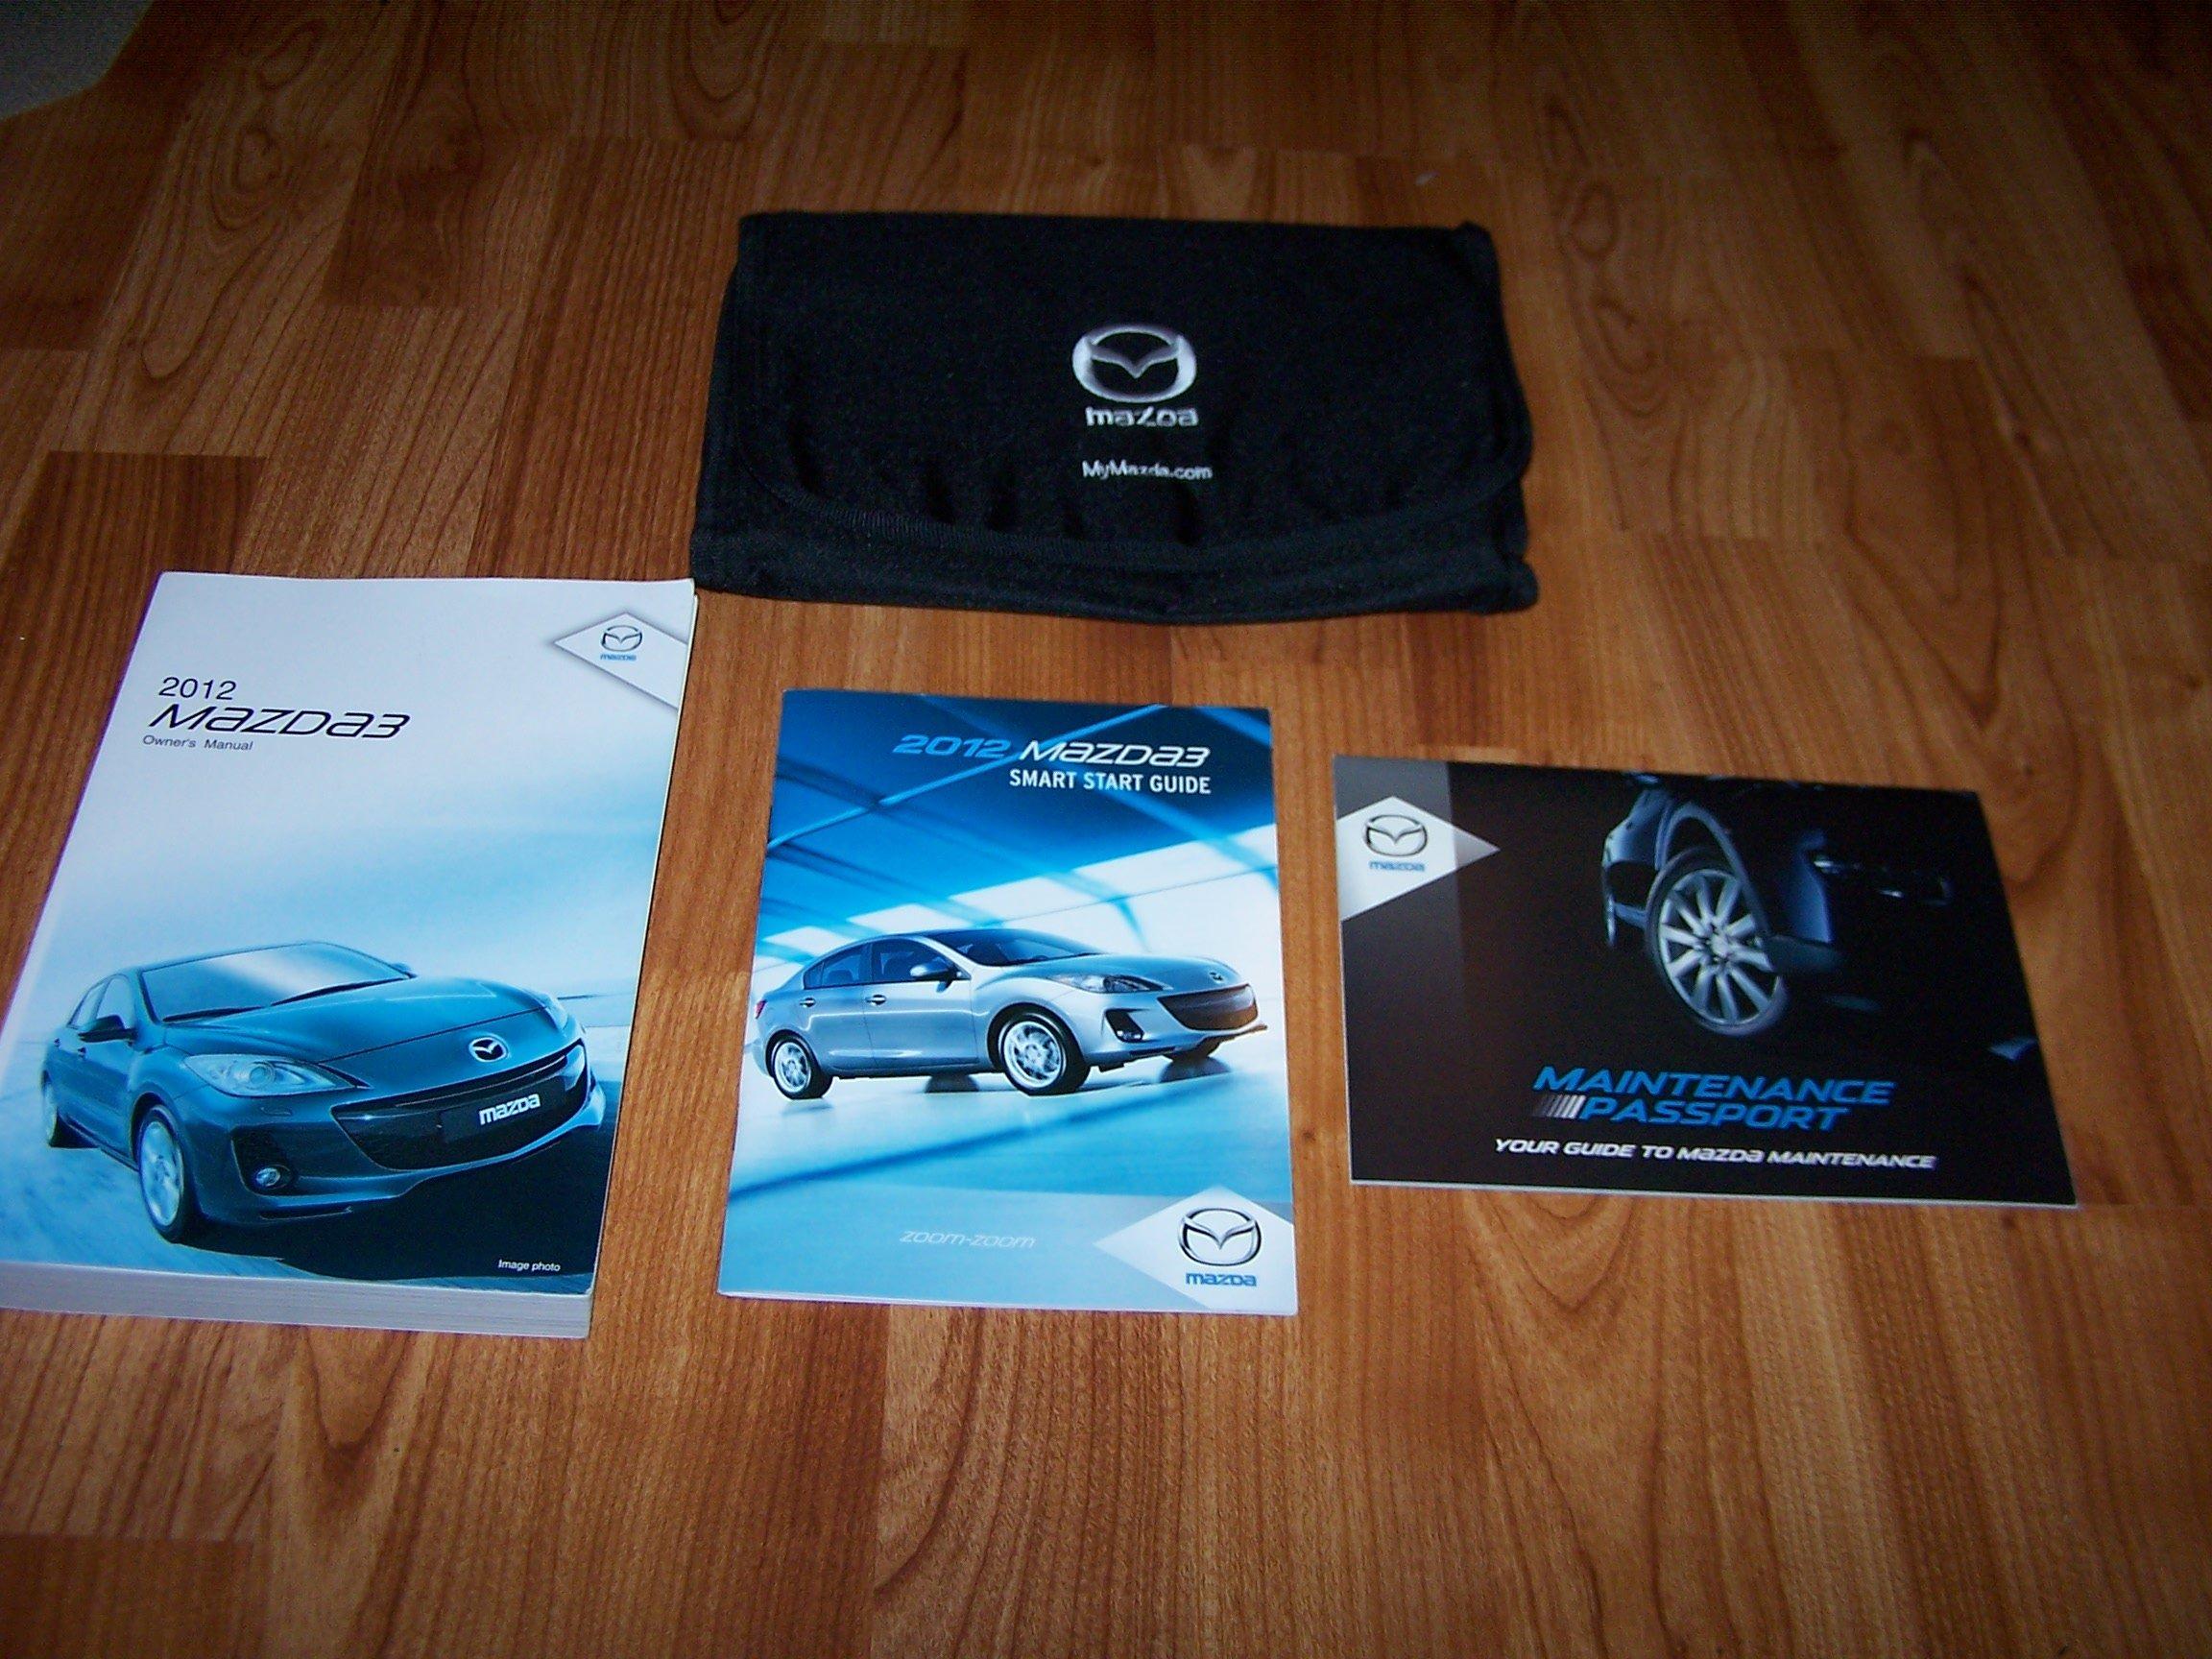 Mazda 3 2007 user manual pdf.